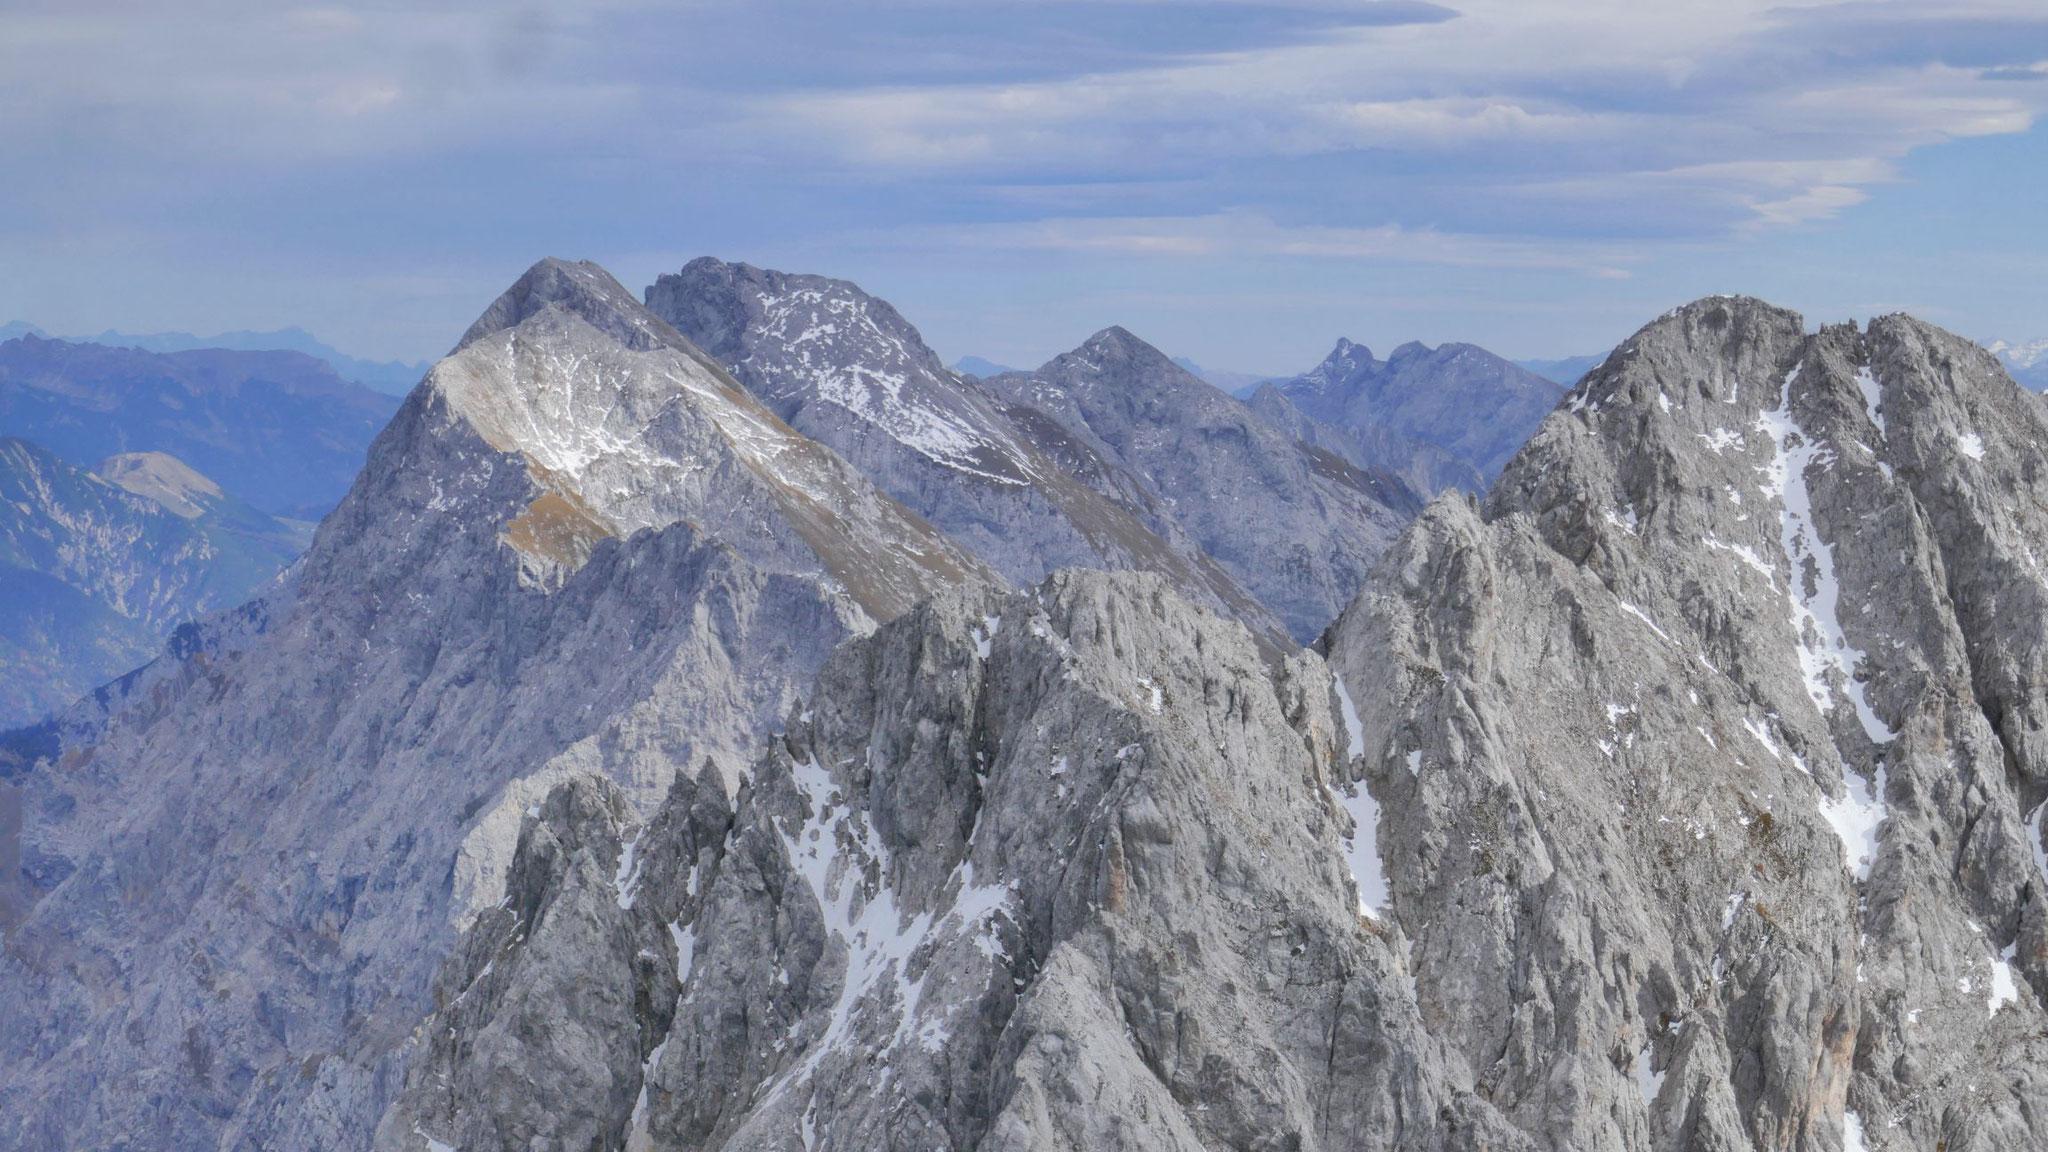 Nördliche Karwendelkette Richtung Osten